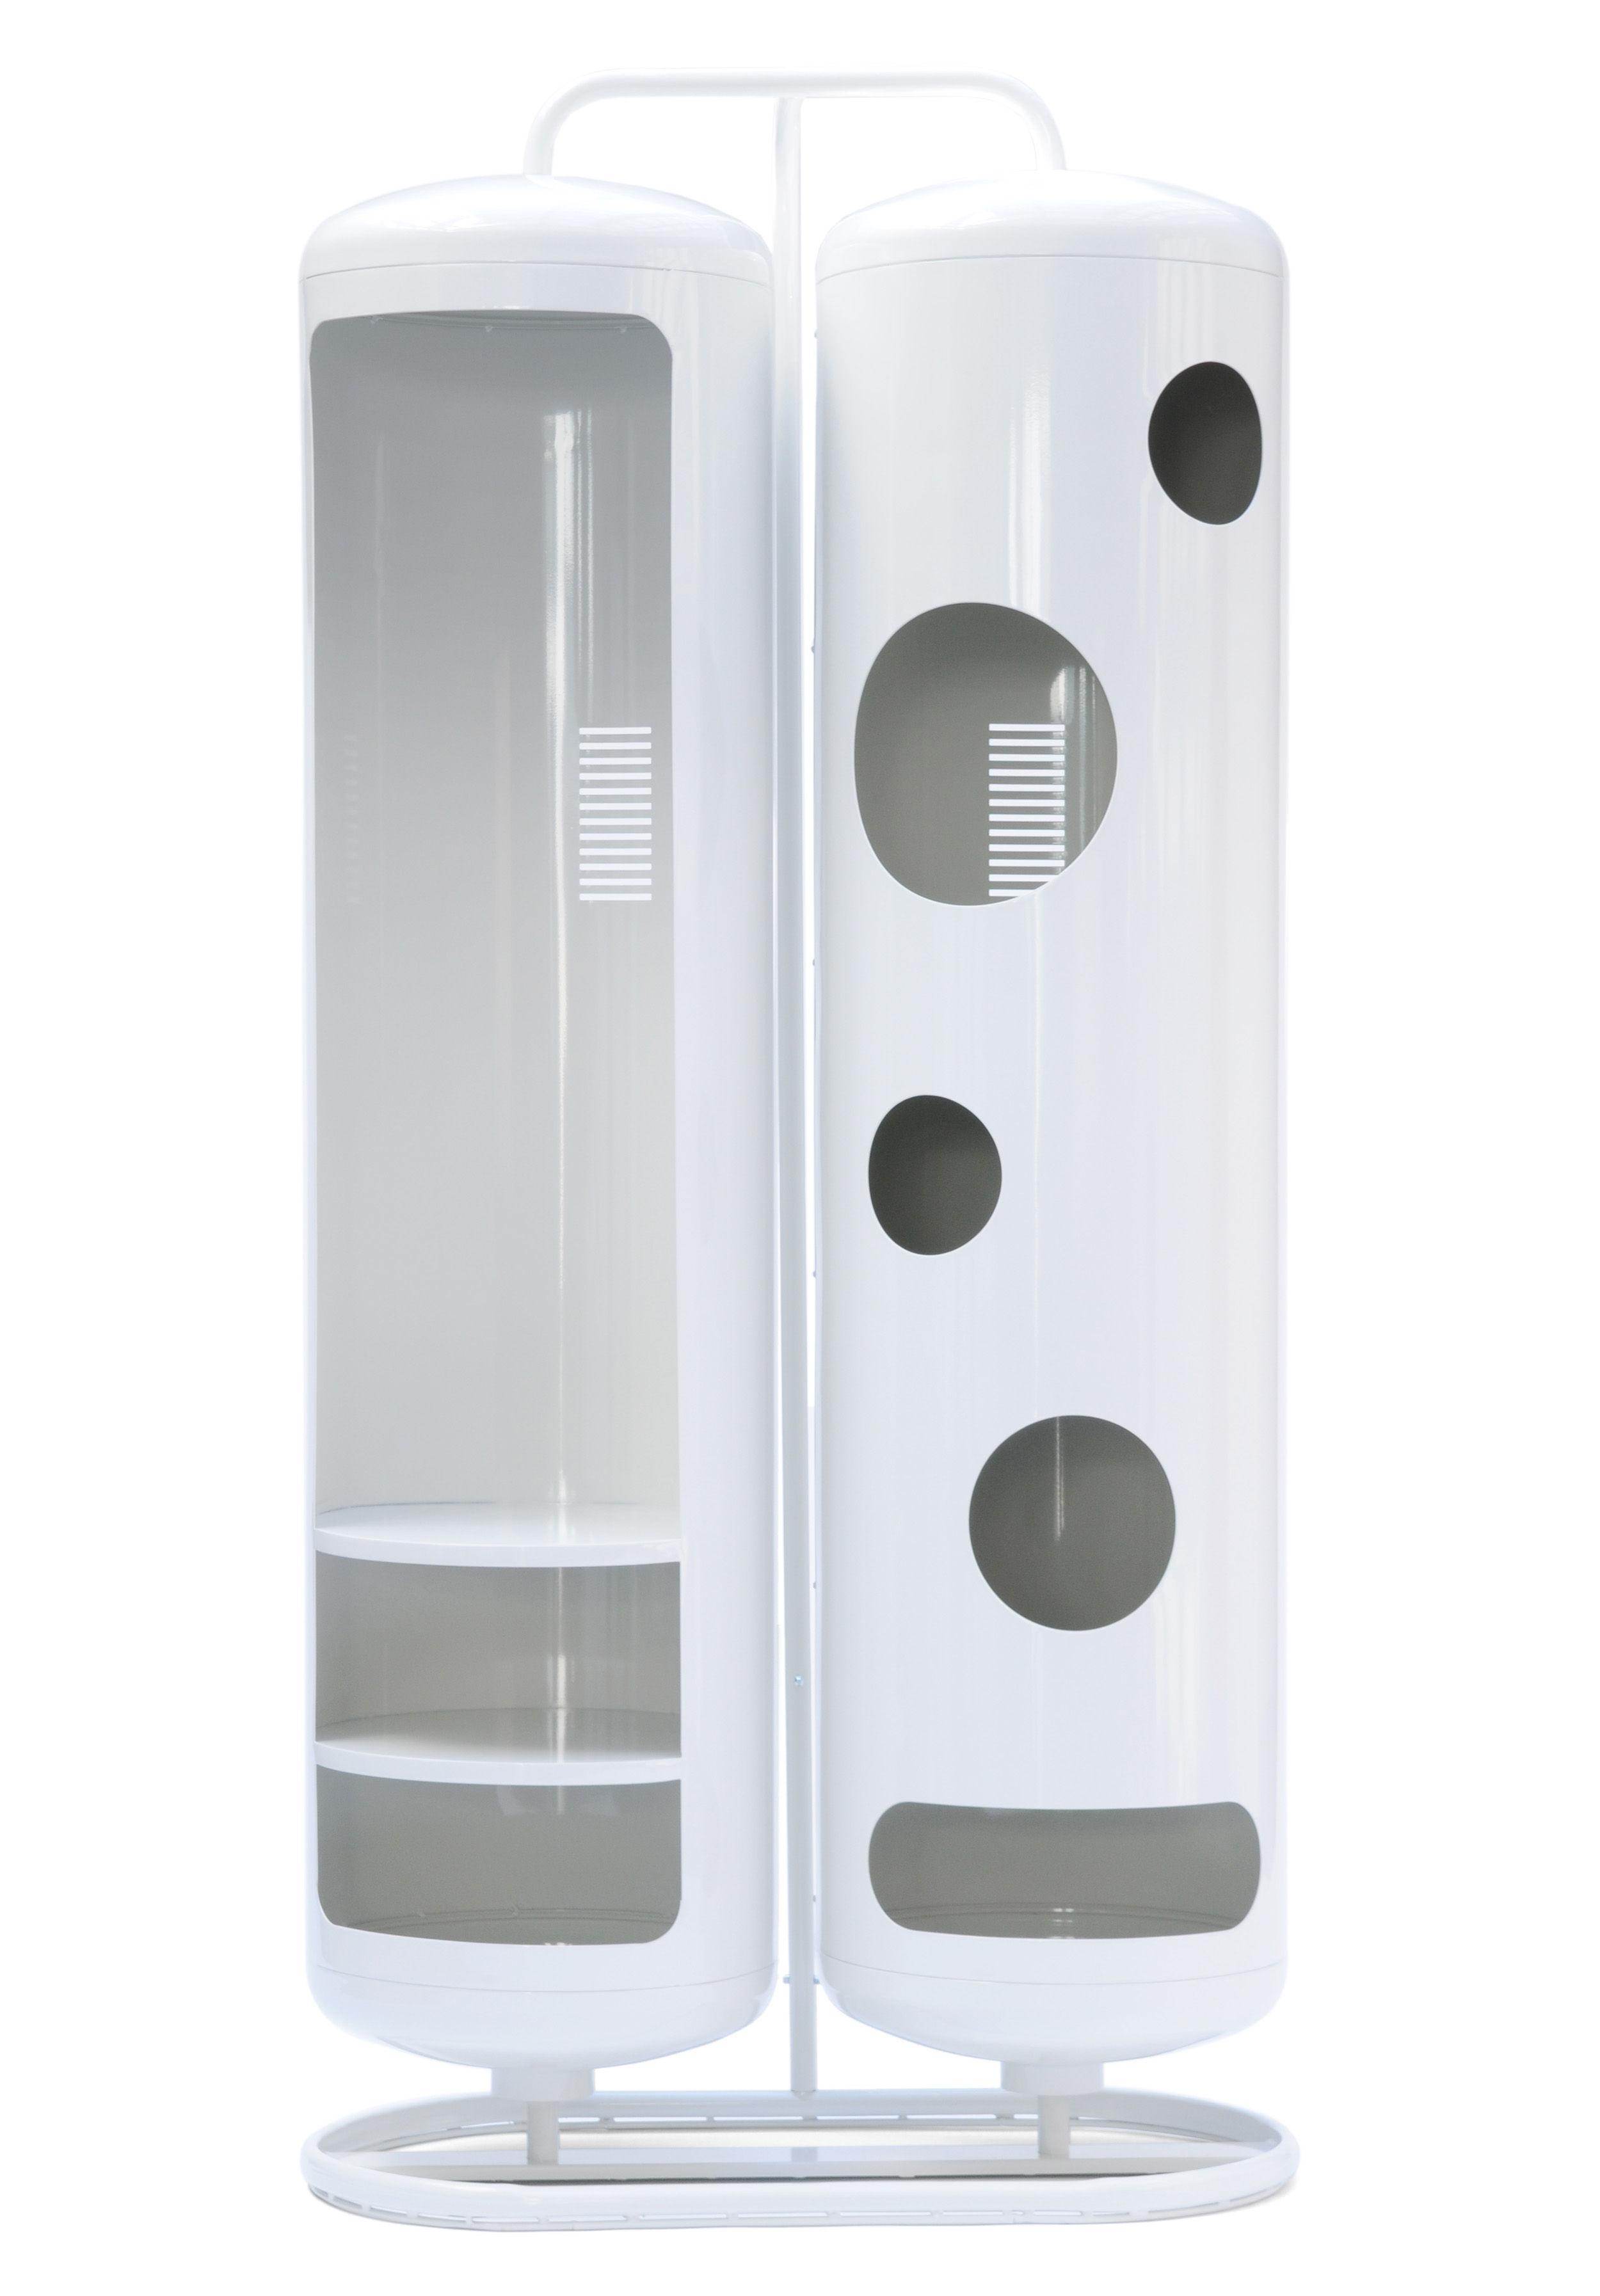 Mobilier - Commodes, buffets & armoires - Armoire Cylindres Bi - Tolix - Blanc - Acier recyclé laqué